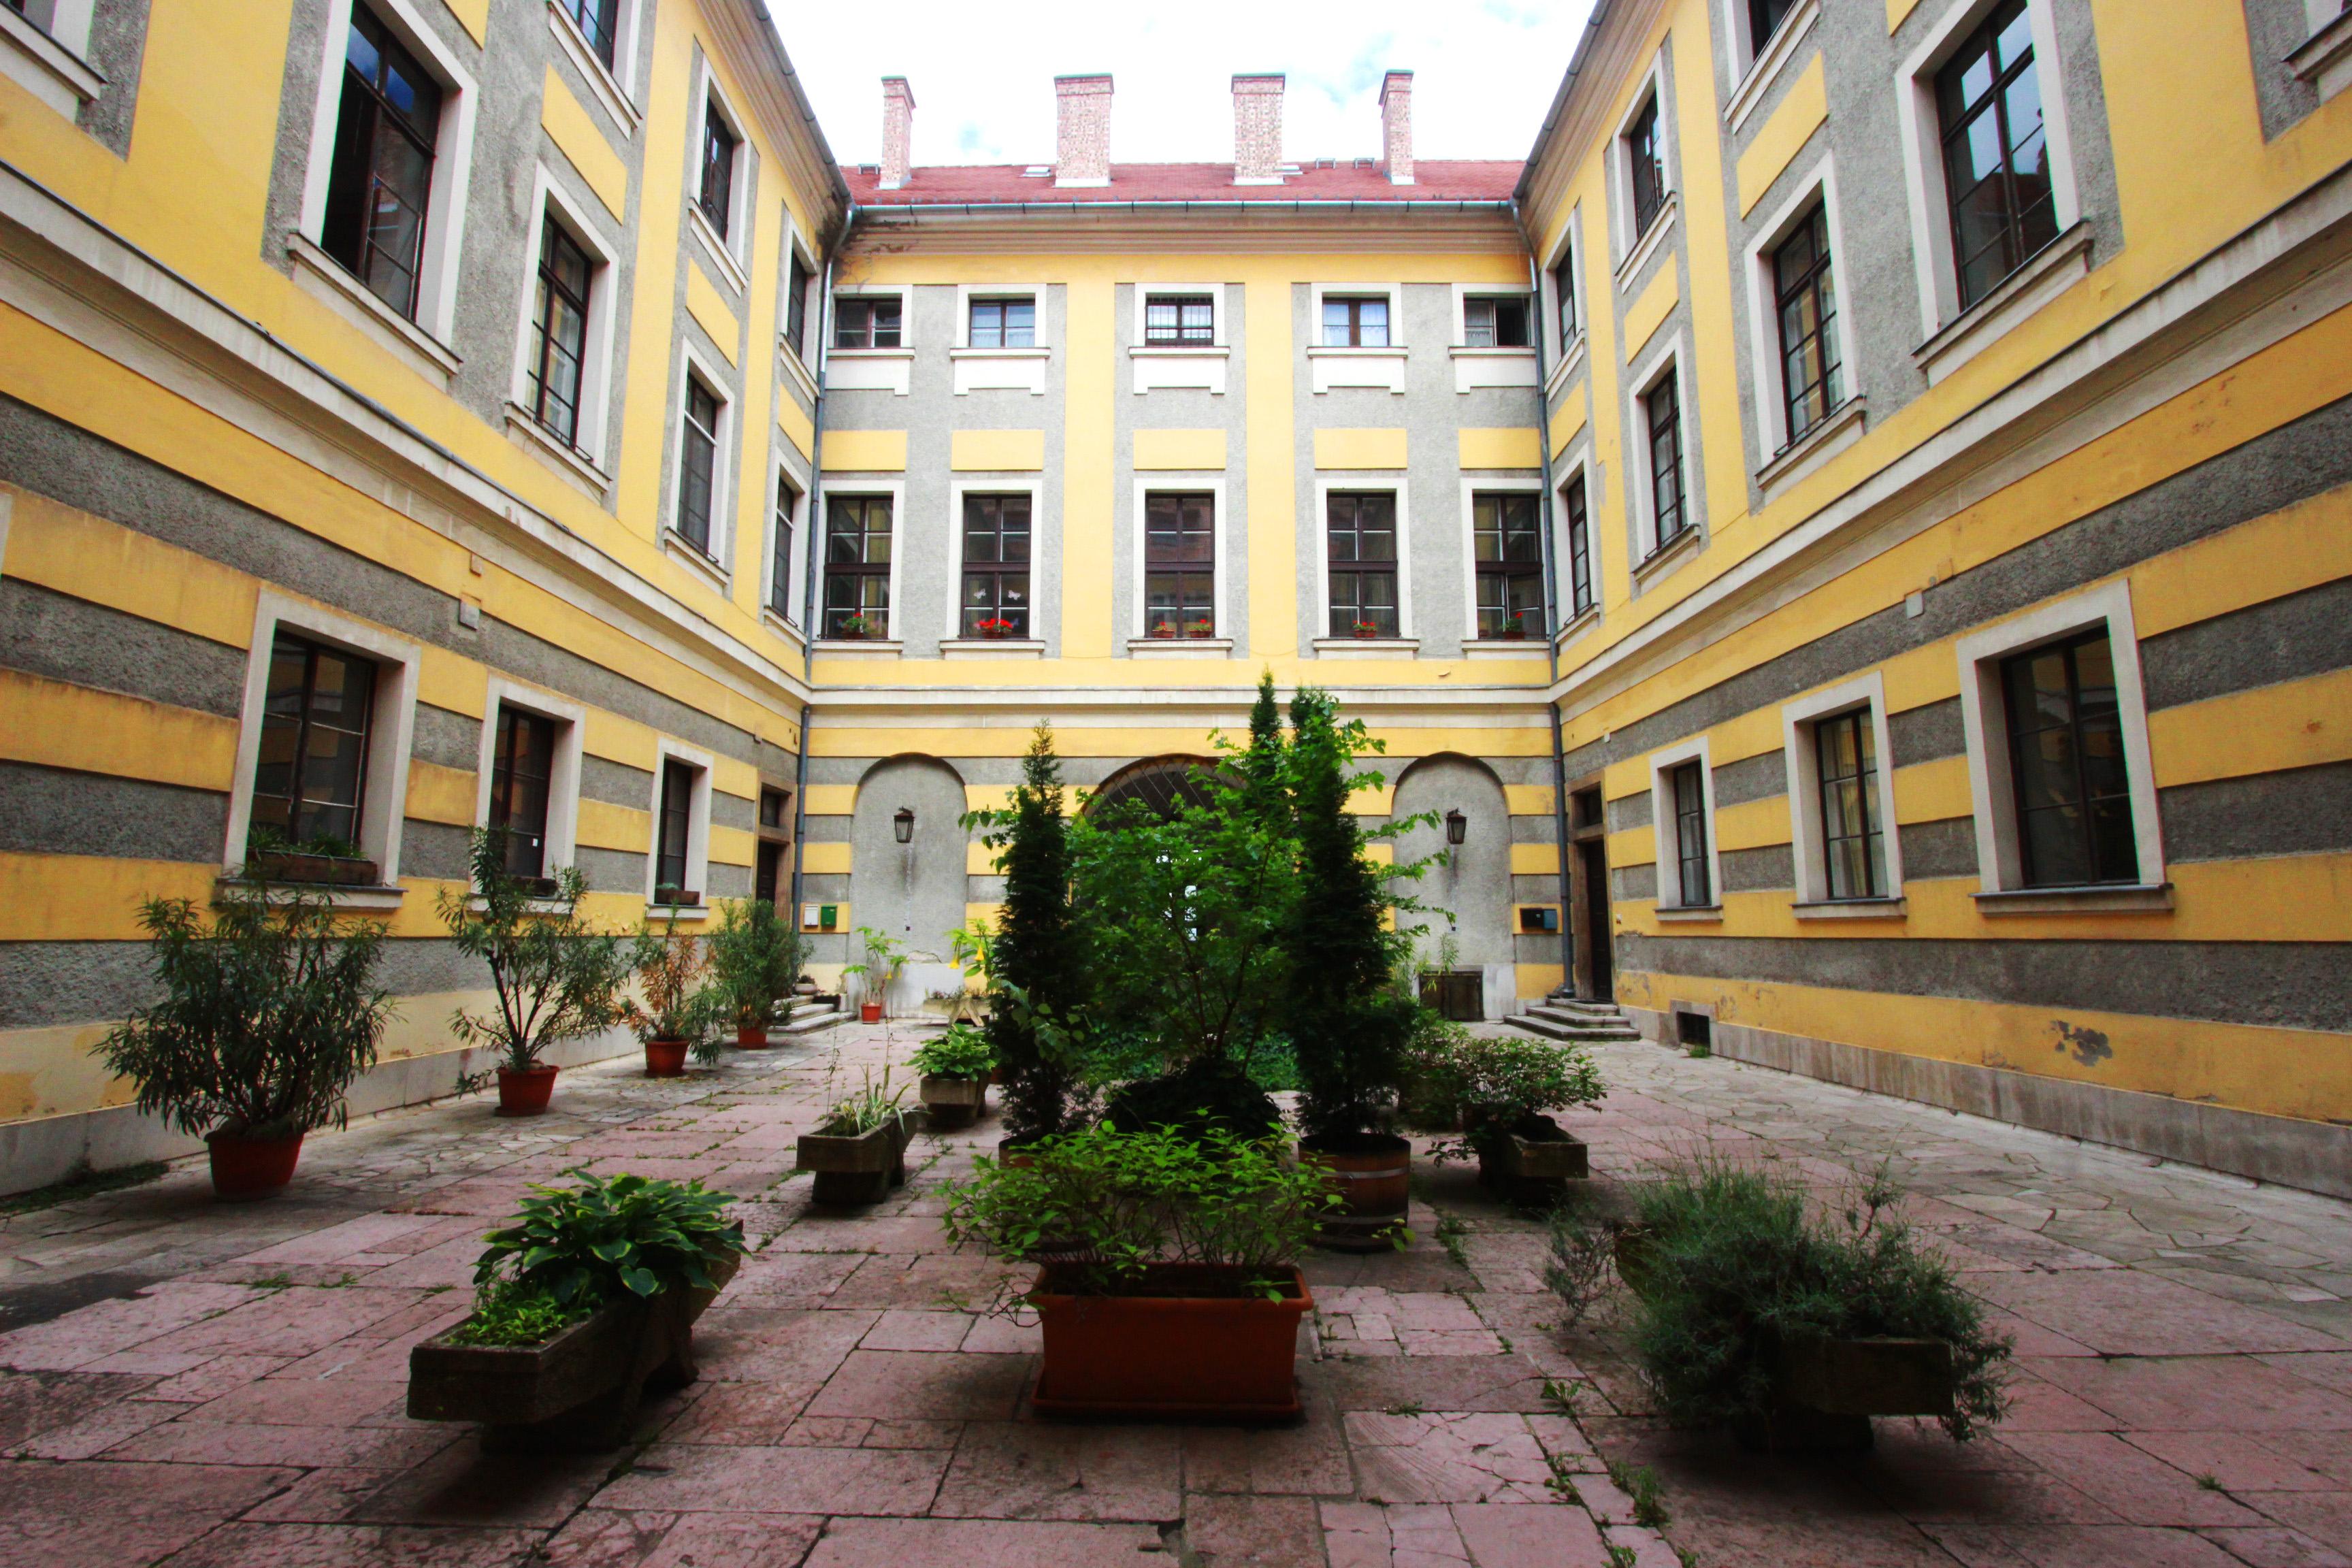 Budai várnegyed, Batthyany palota